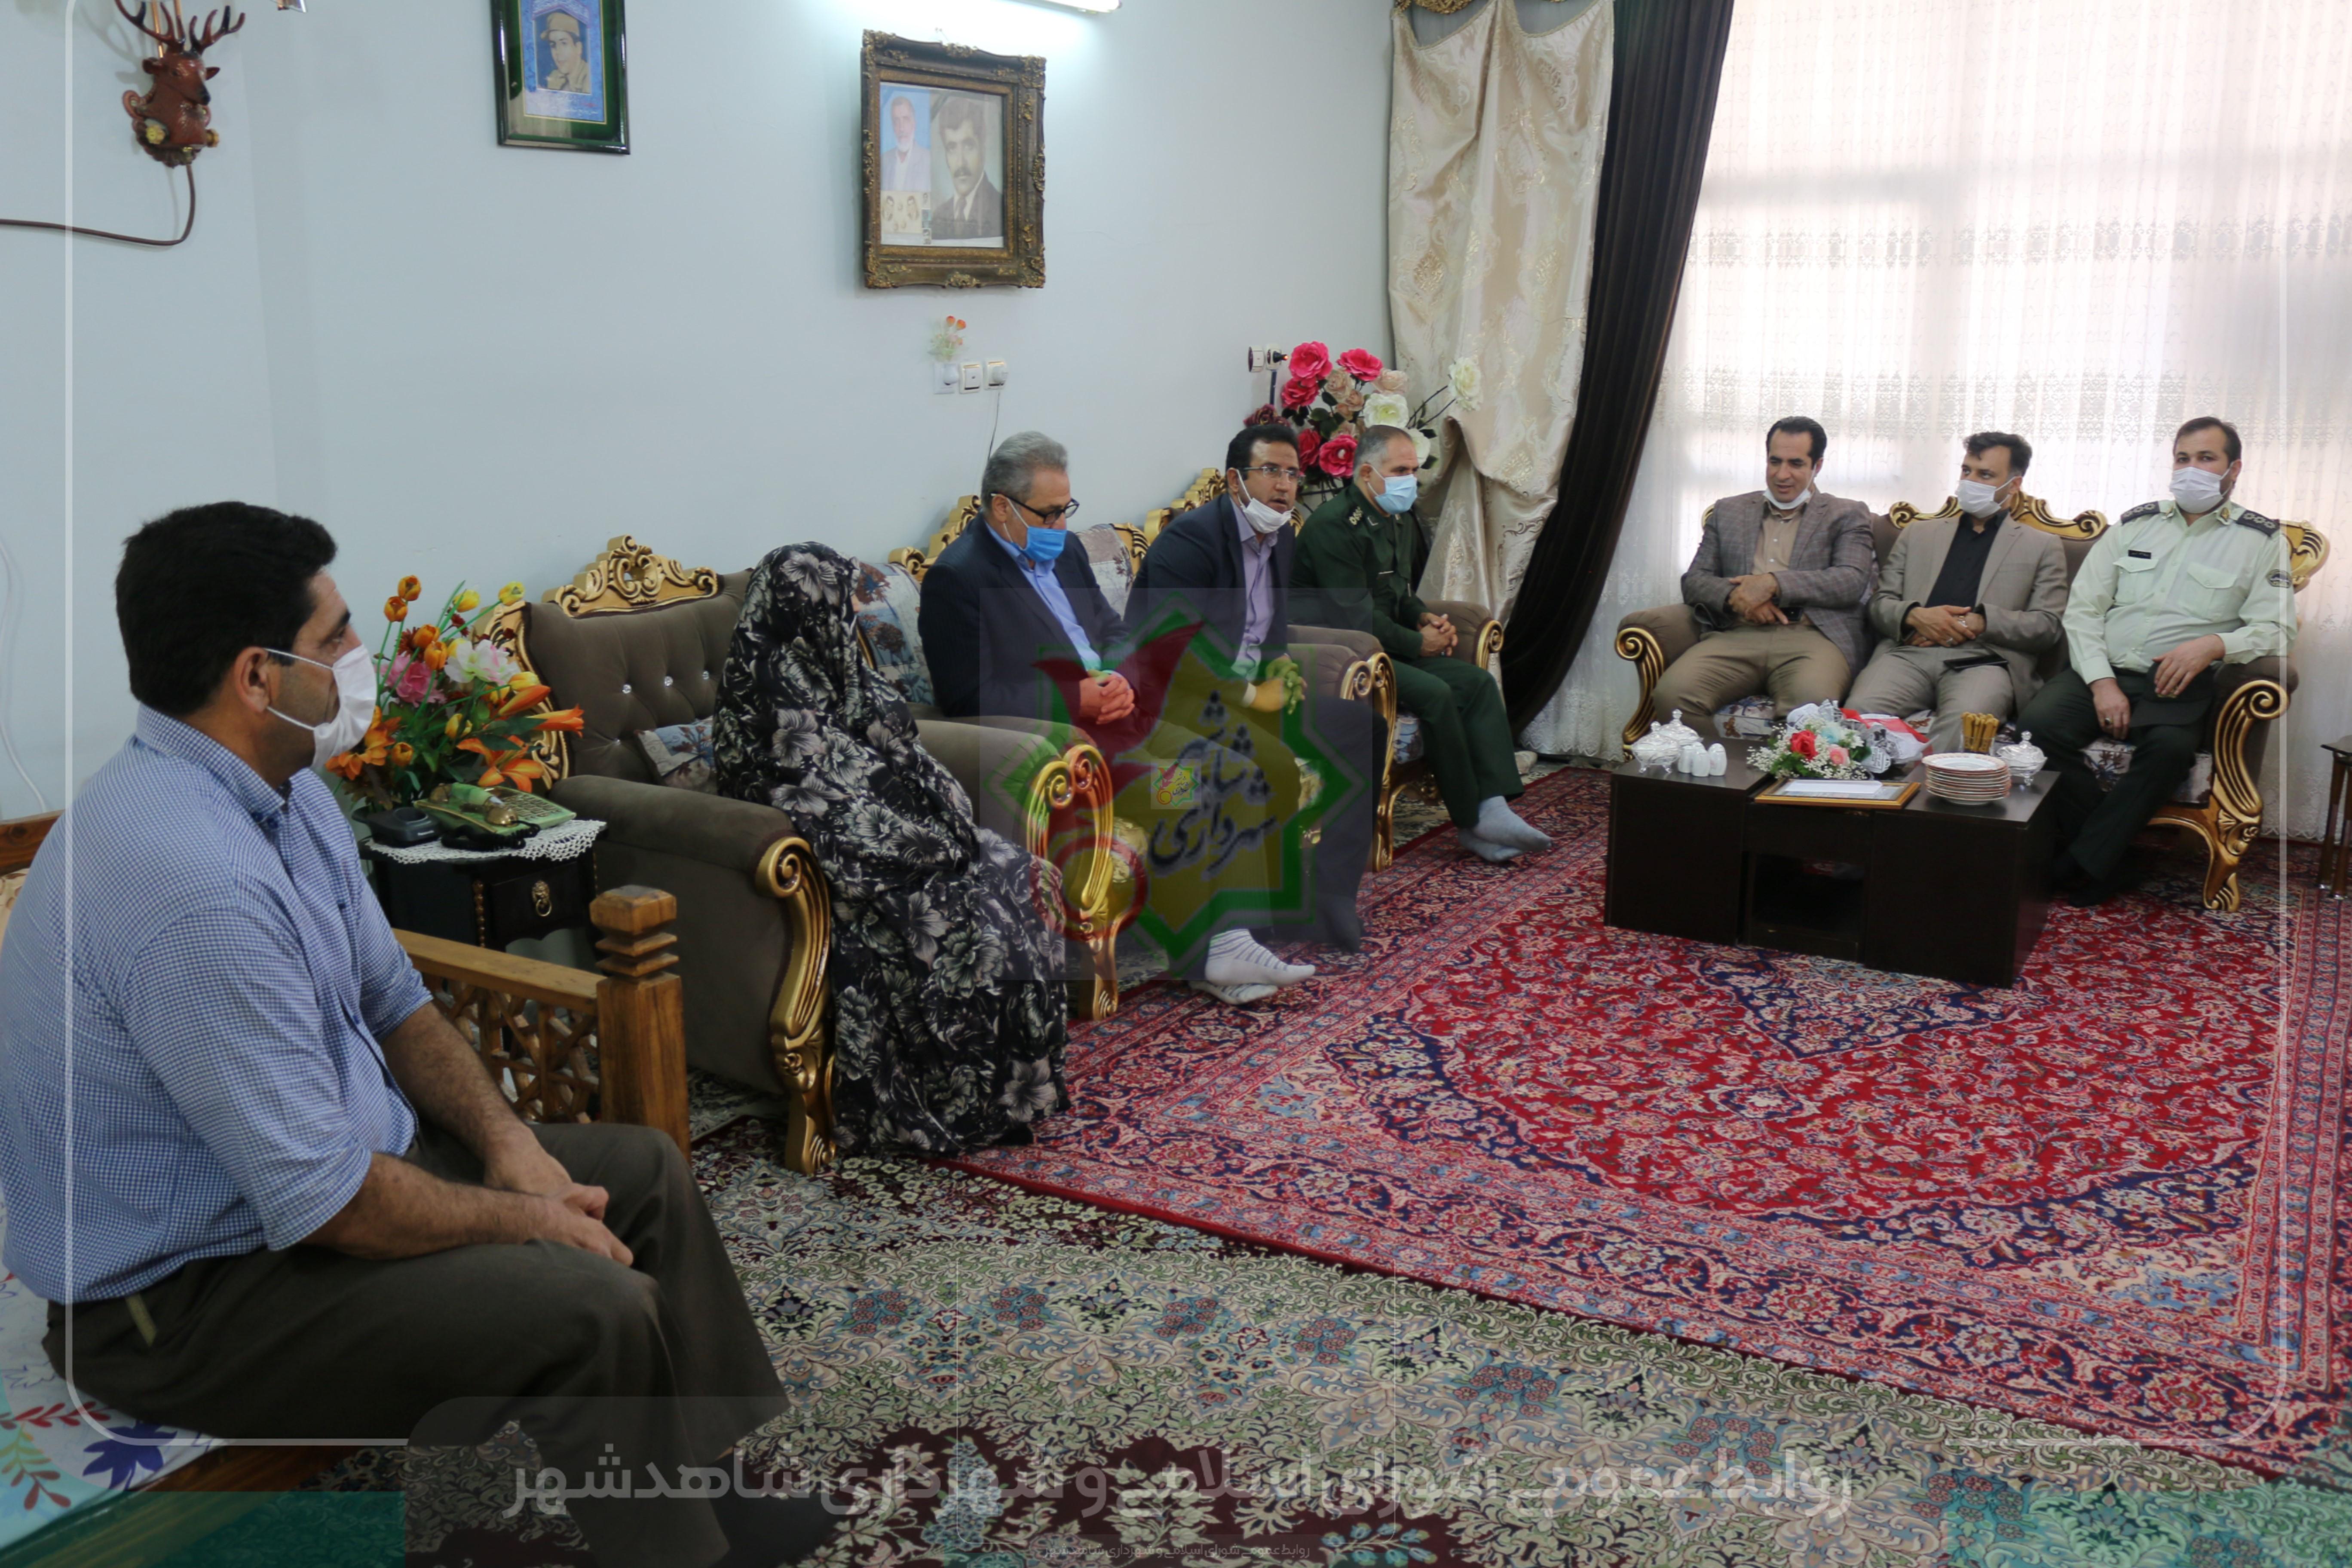 دیدار هفتگی مدیران شهری از سه خانواده معظم و معزز شهدای شاهدشهر